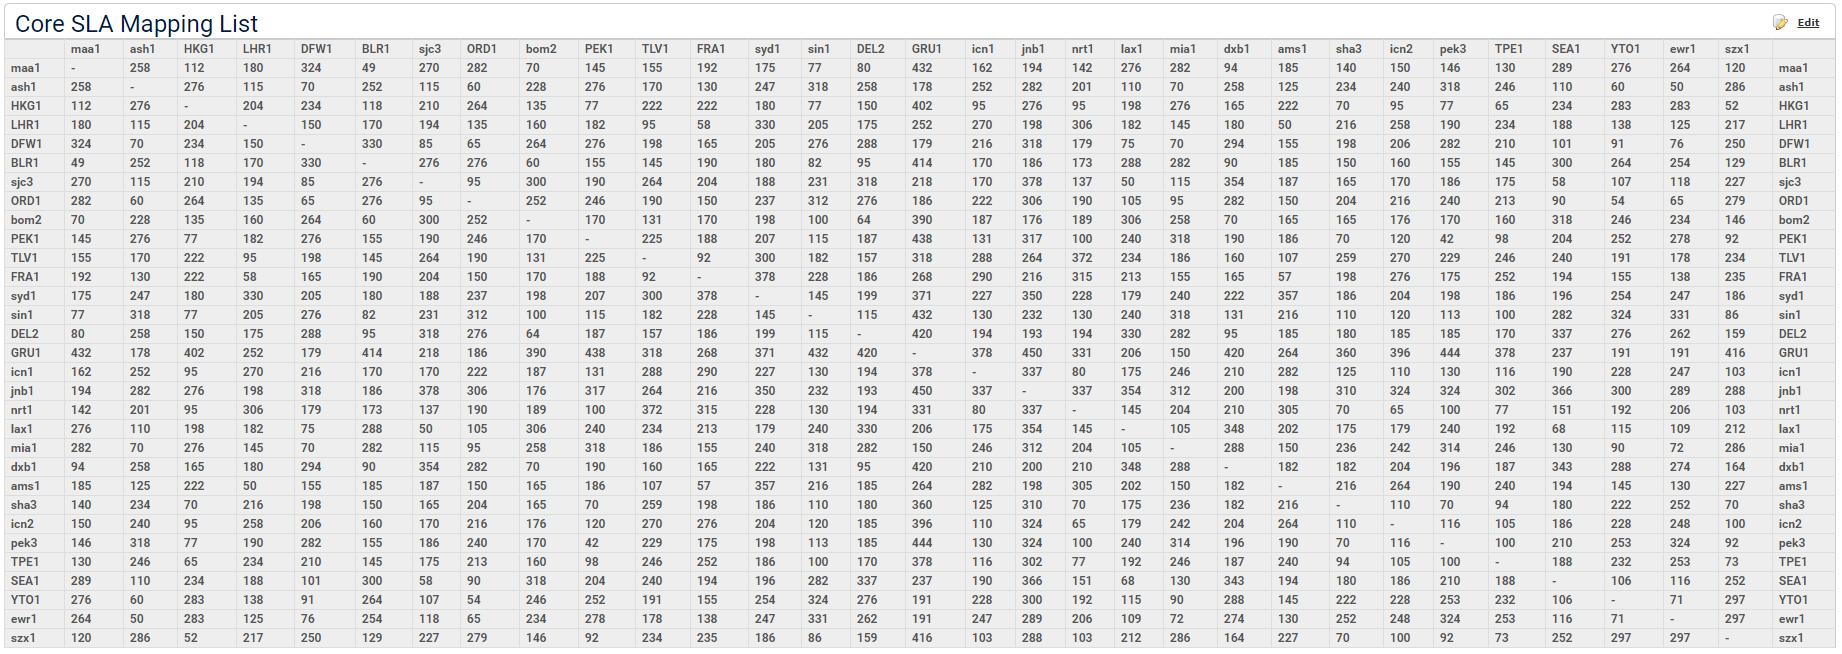 core sla mapping list